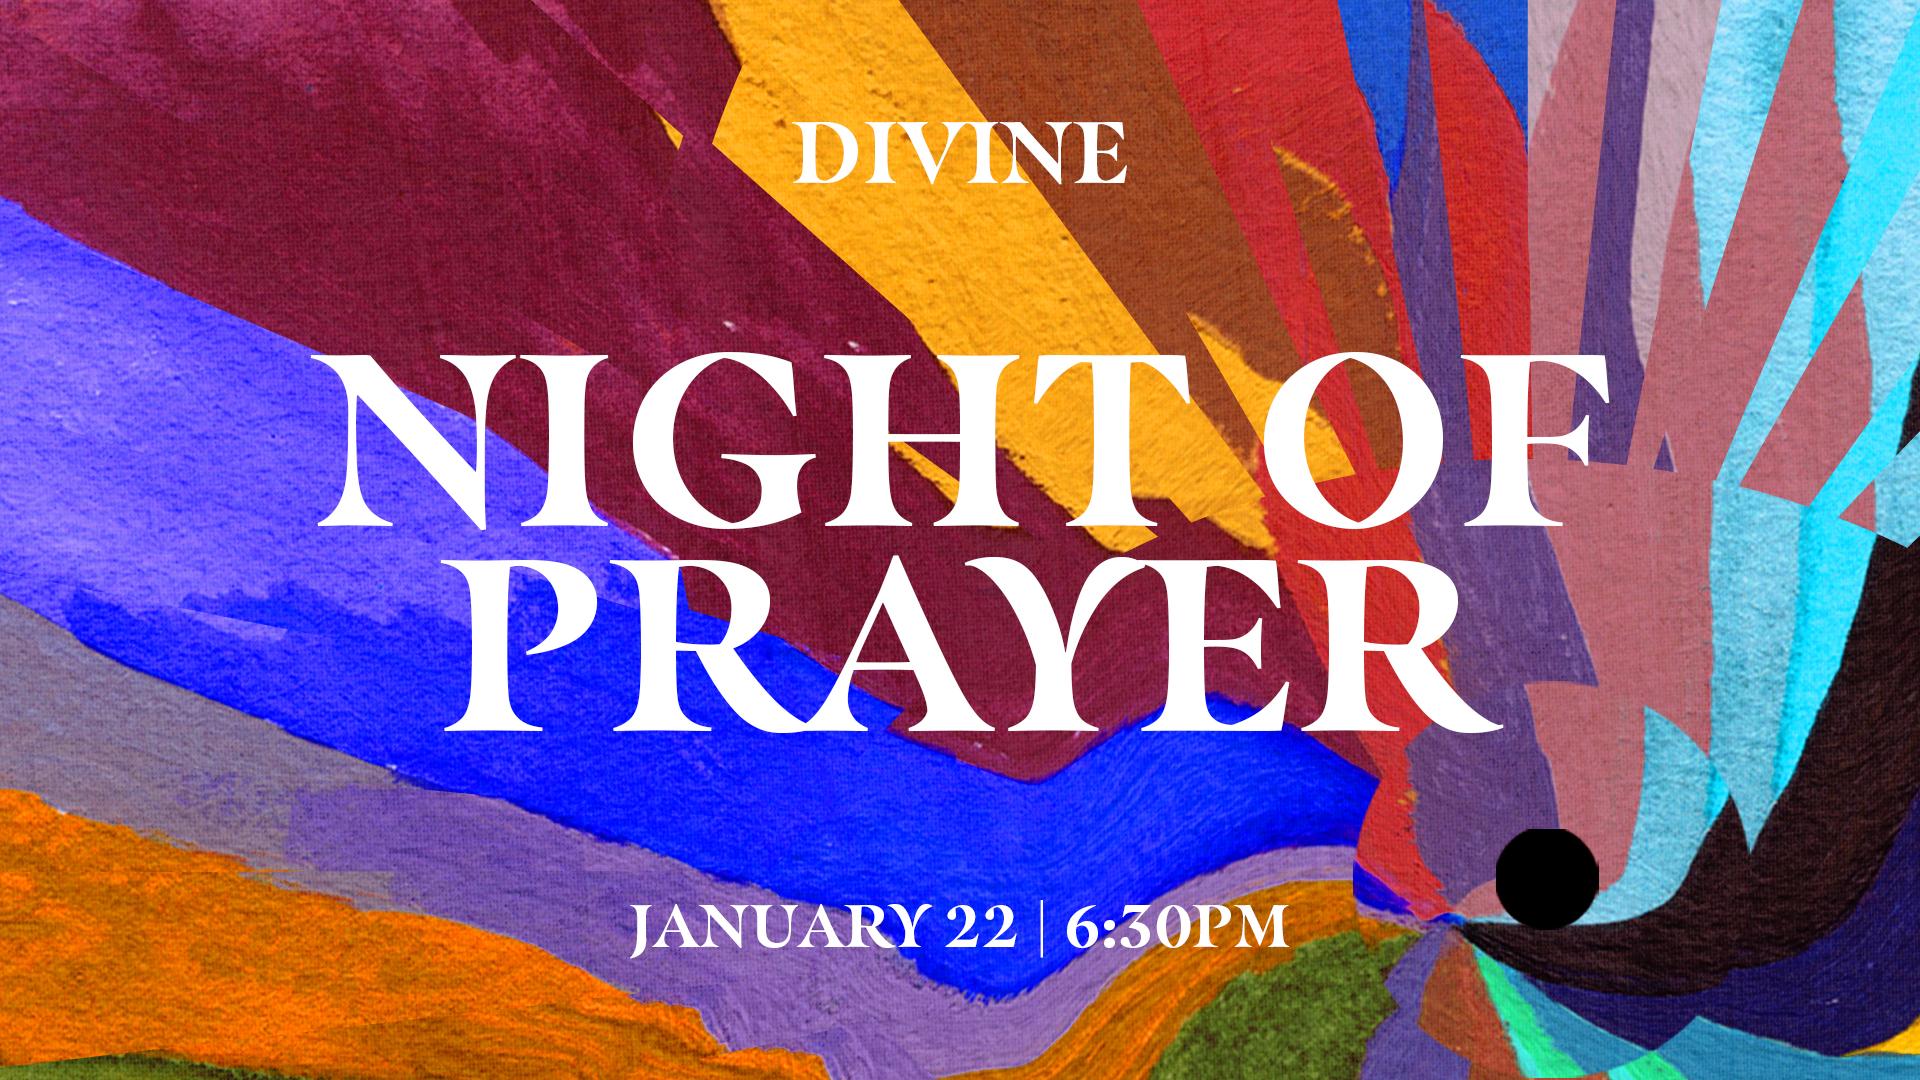 Divine Night of Prayer at the Cumming campus